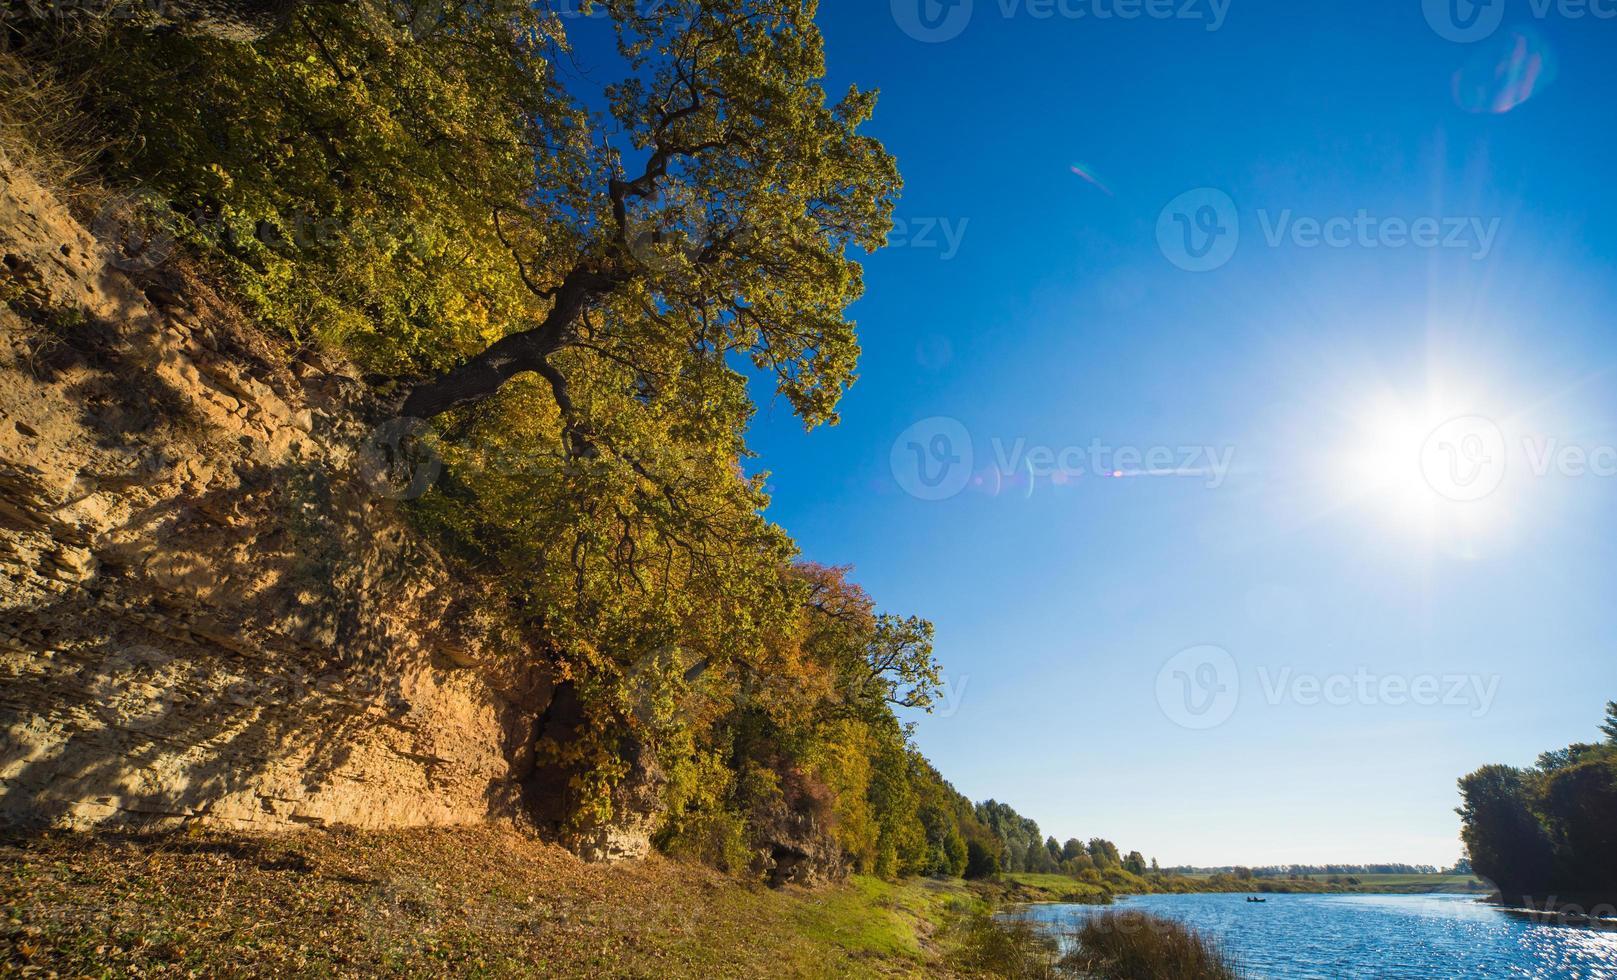 Río Lielupe con costa rocosa. Buska, Letonia. foto